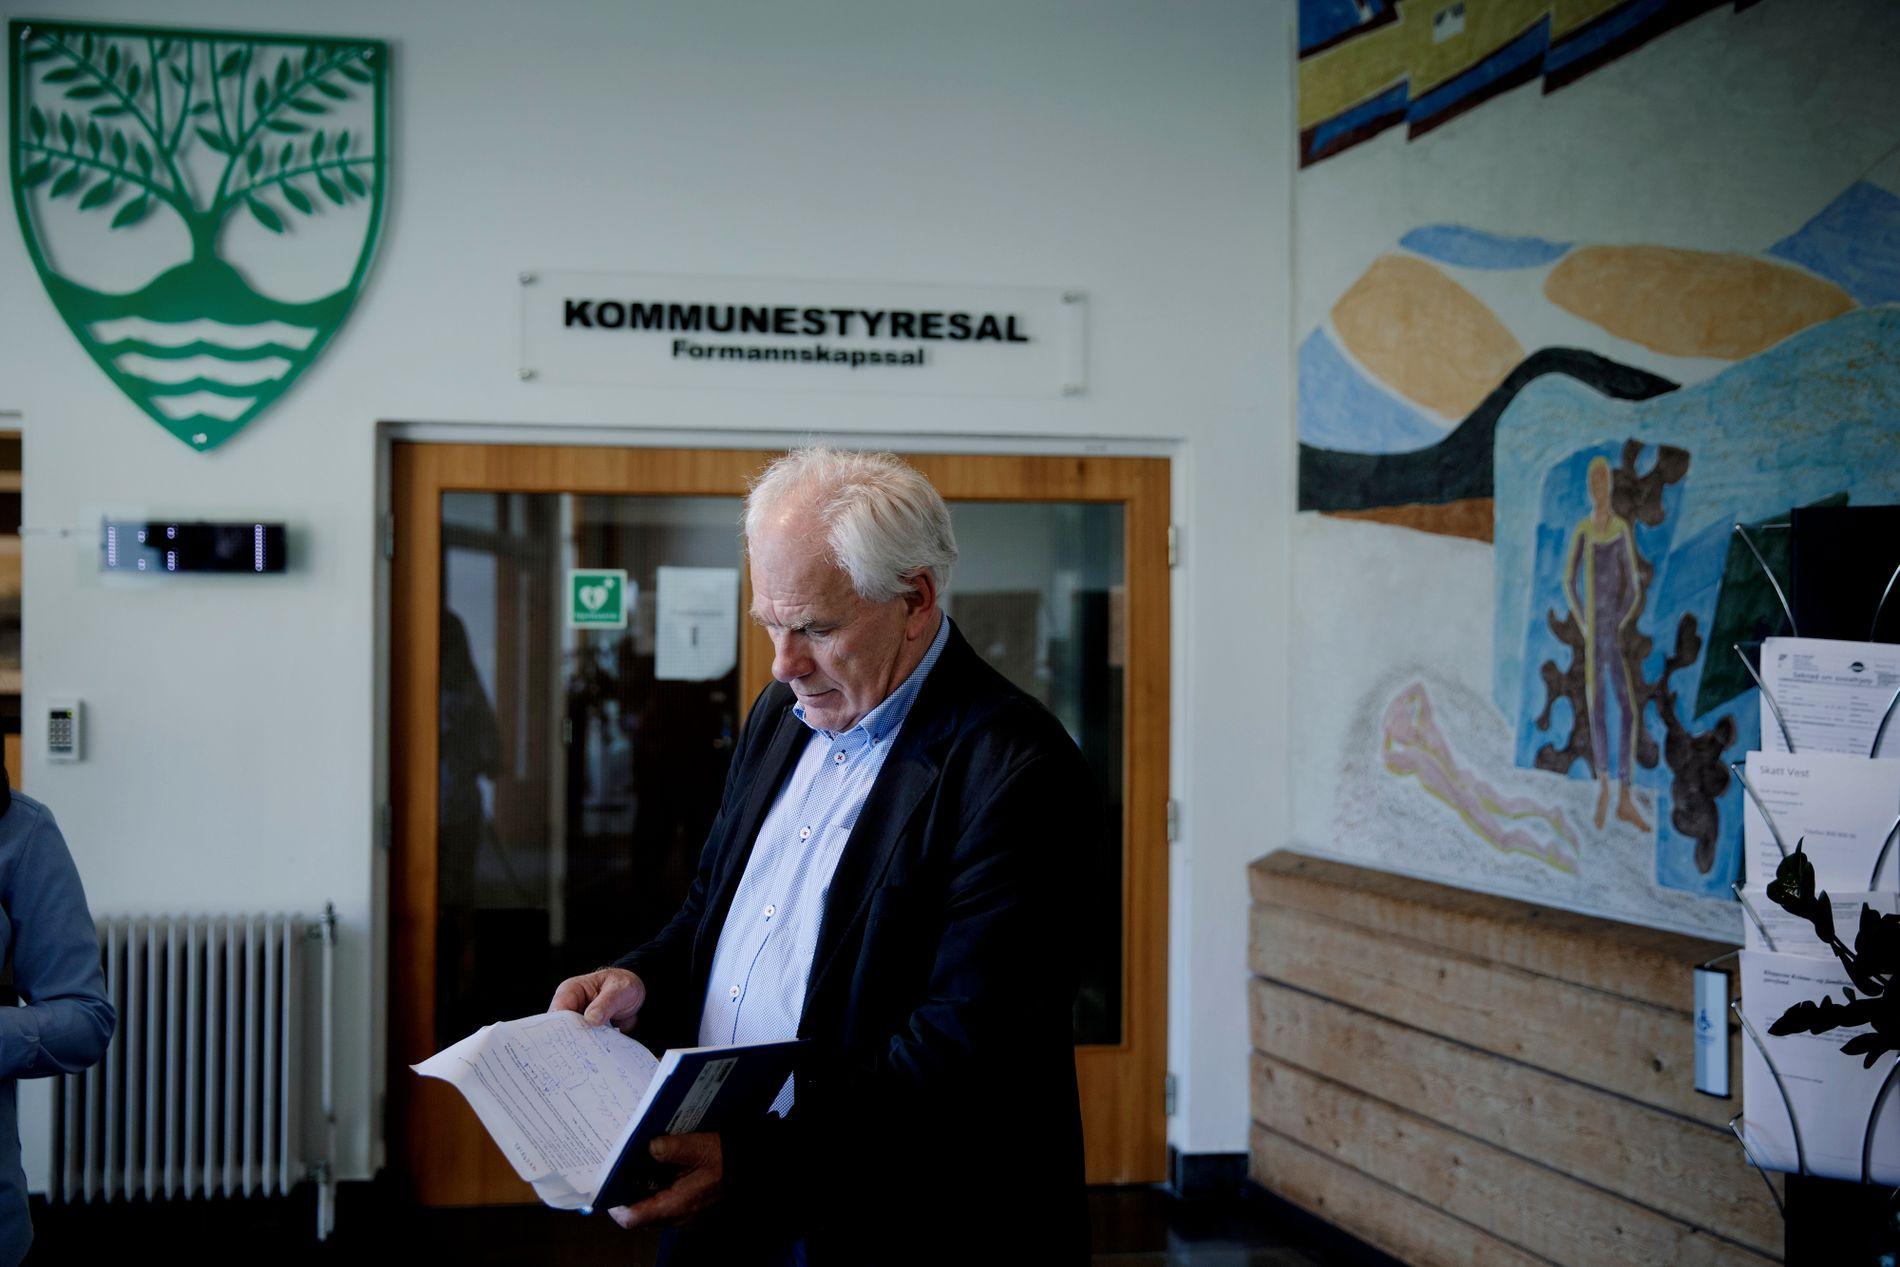 NÅ BEGYNNER GRANSKINGEN: – Drikkevannet på Askøy er friskmeldt, men denne saken er langt fra ferdig, skriver Bergens Tidende på lederplass.